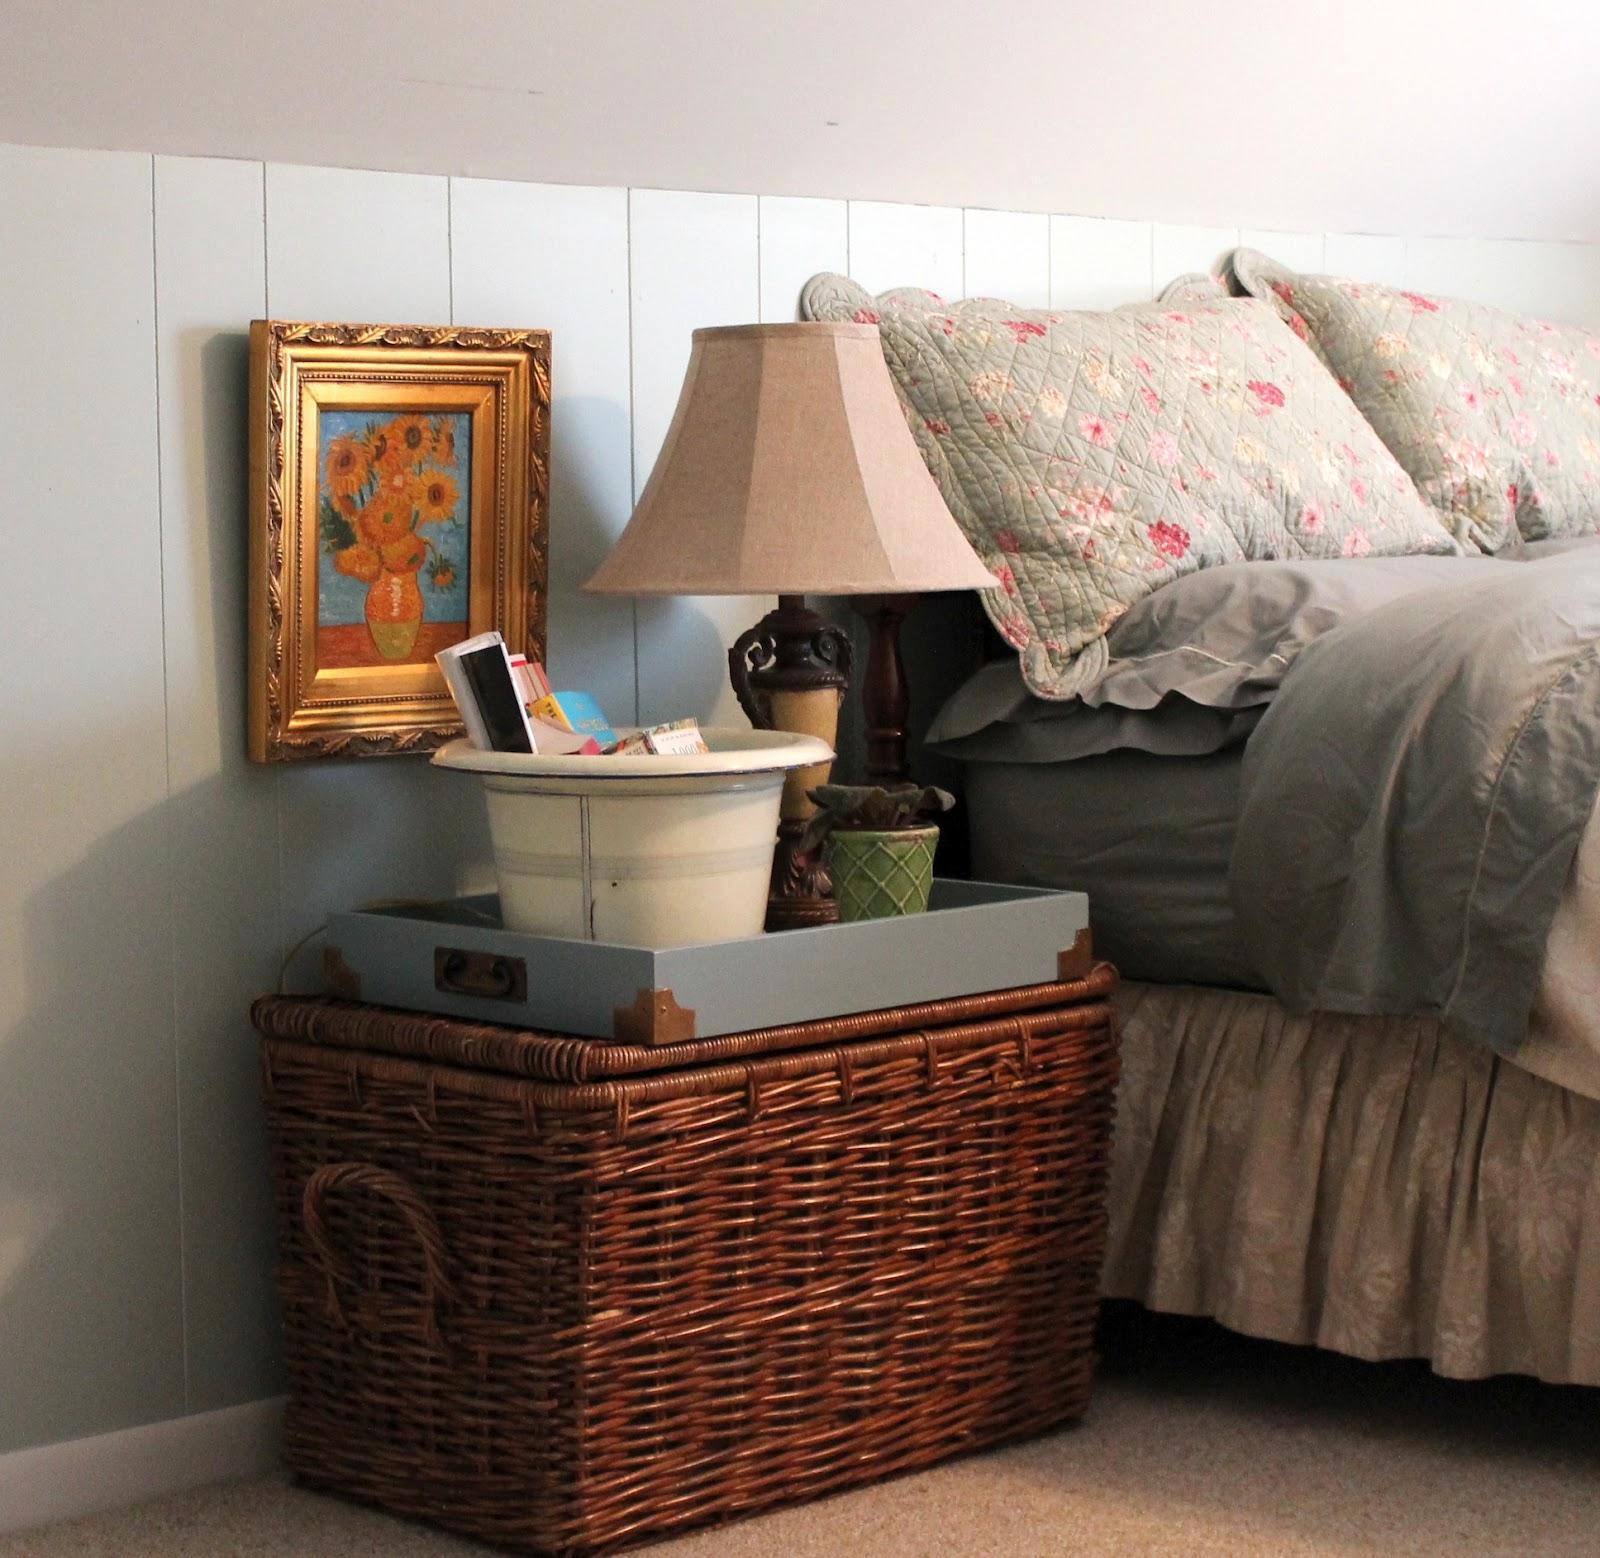 Bedside Storage designing domesticity: bedside storage